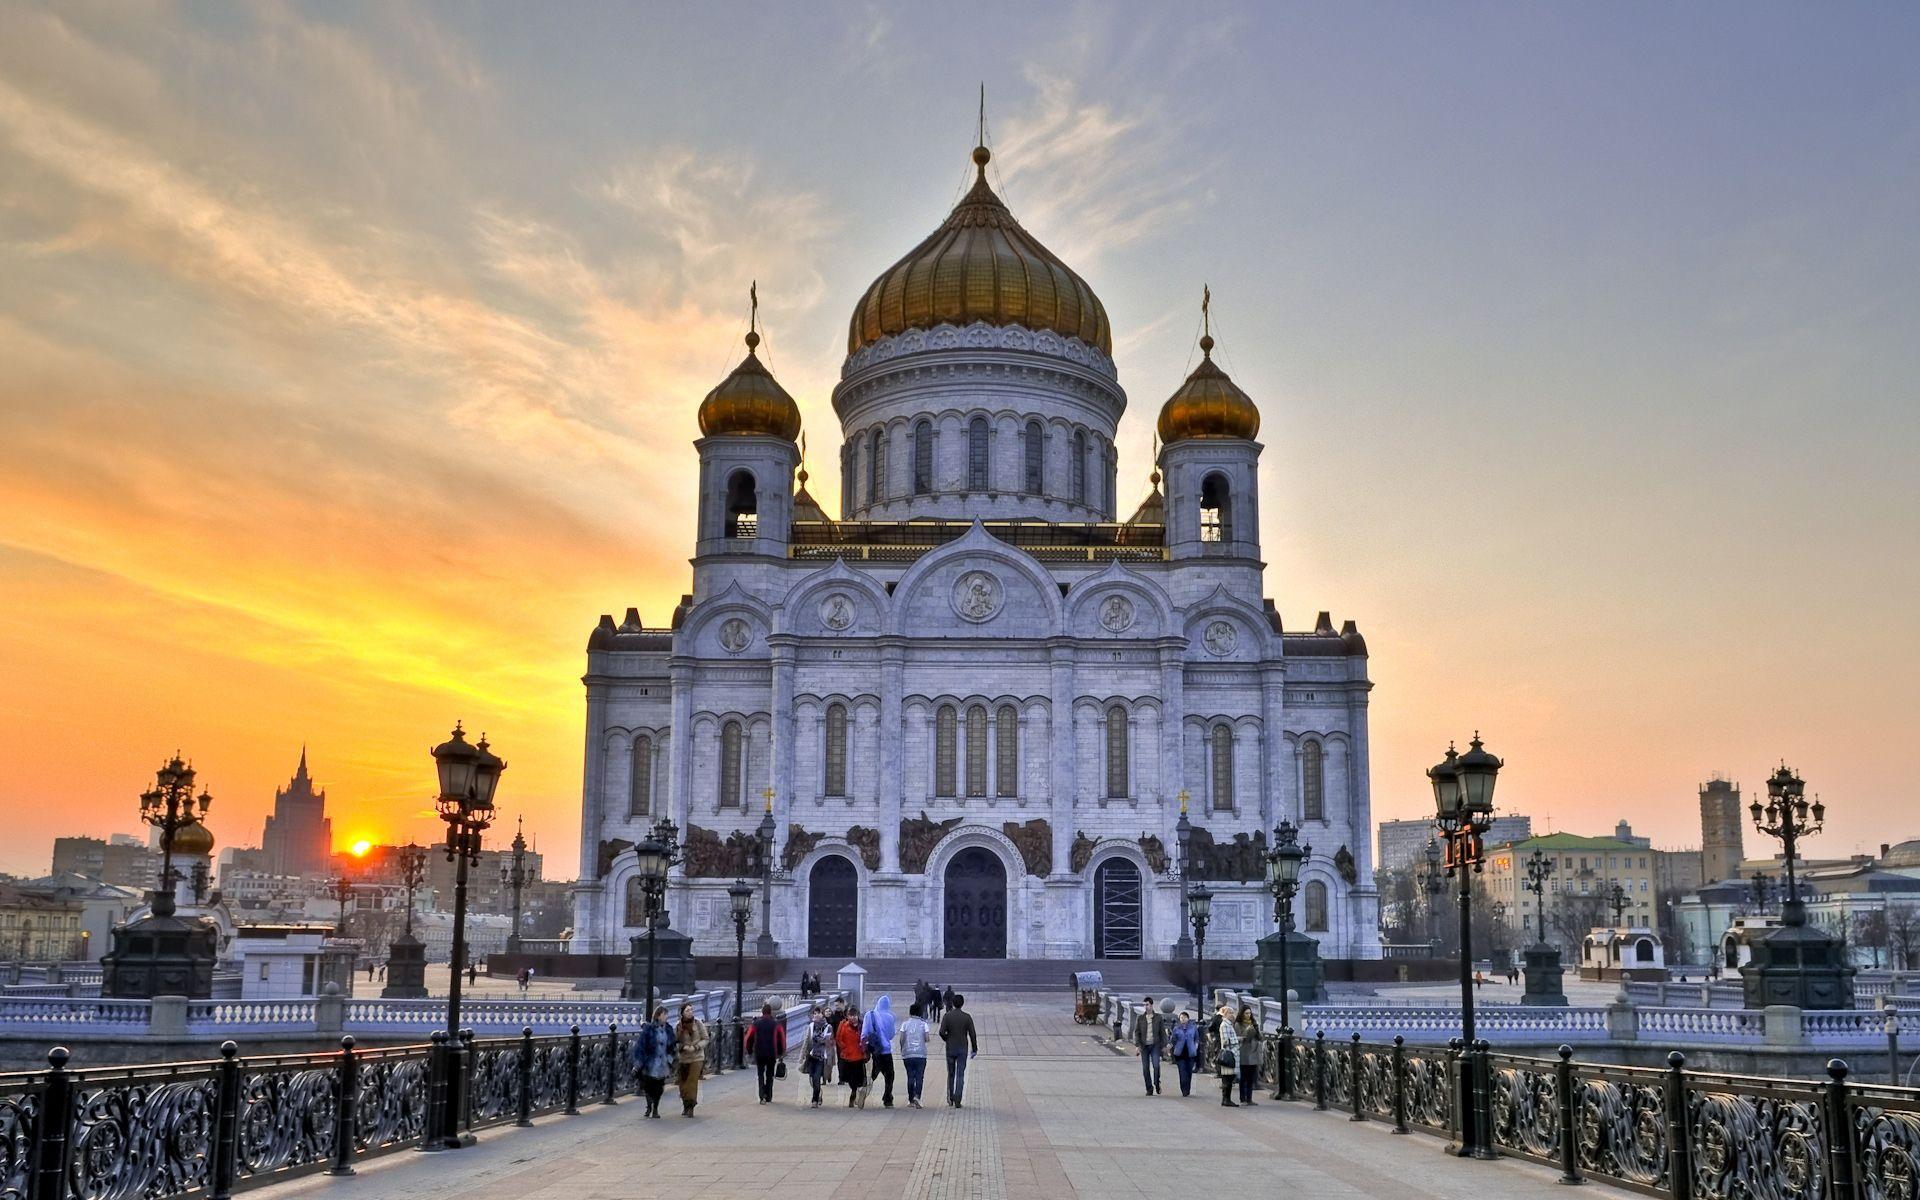 архитектура страны Церковь Москва Россия  № 2449678 загрузить